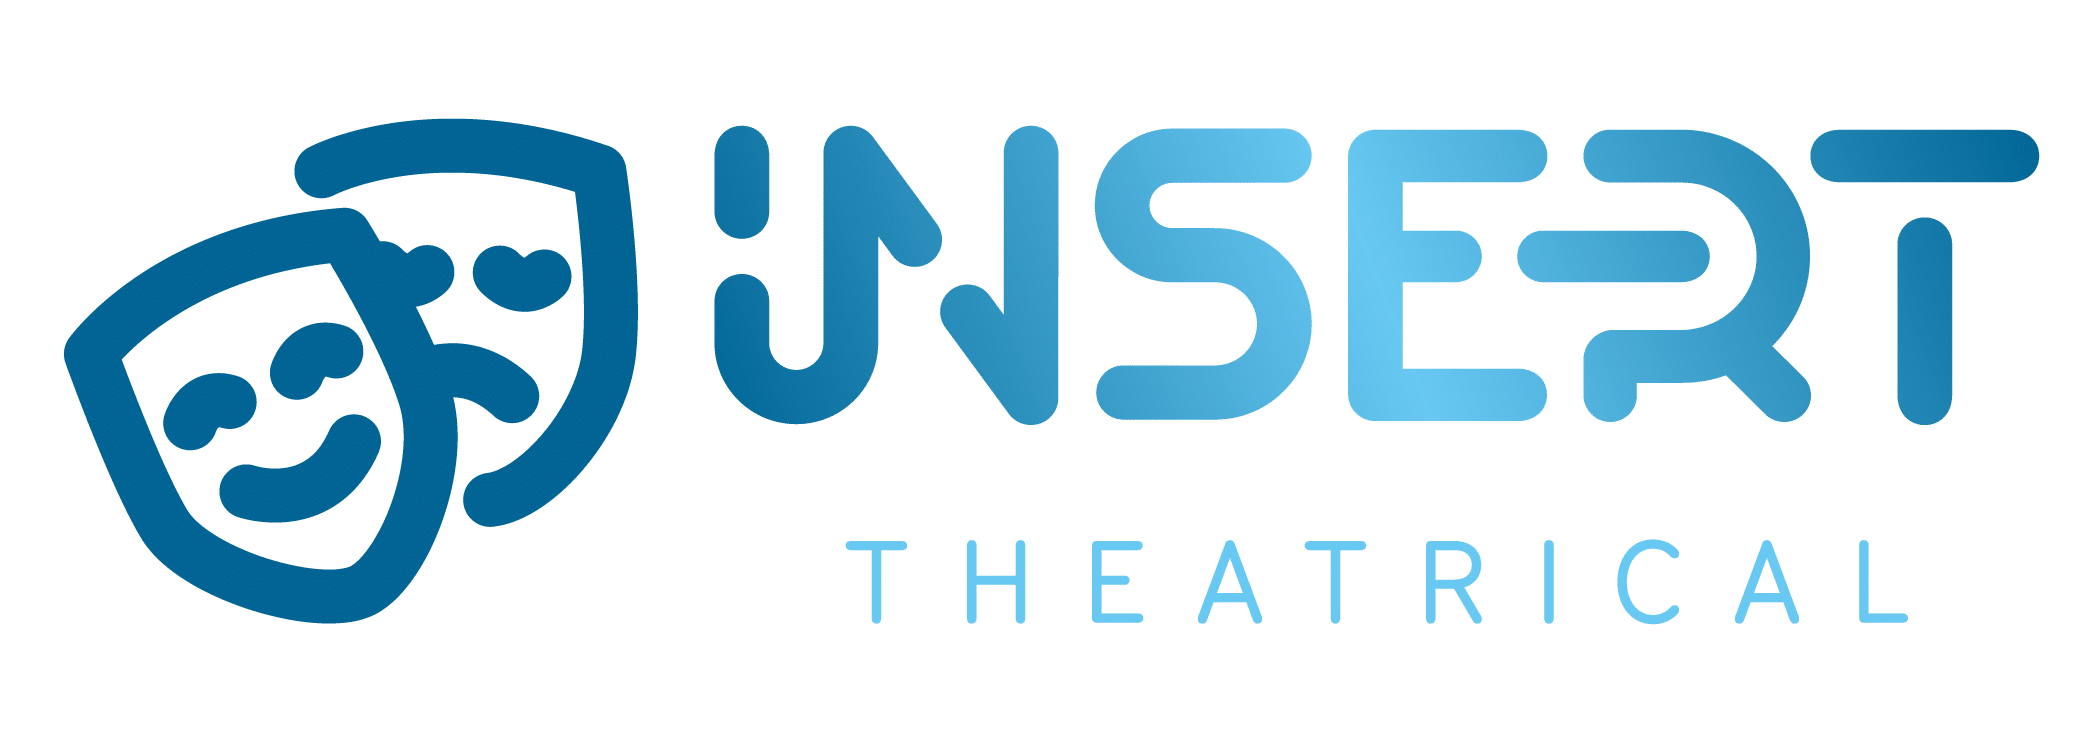 insert theatrical rebranding blue logo